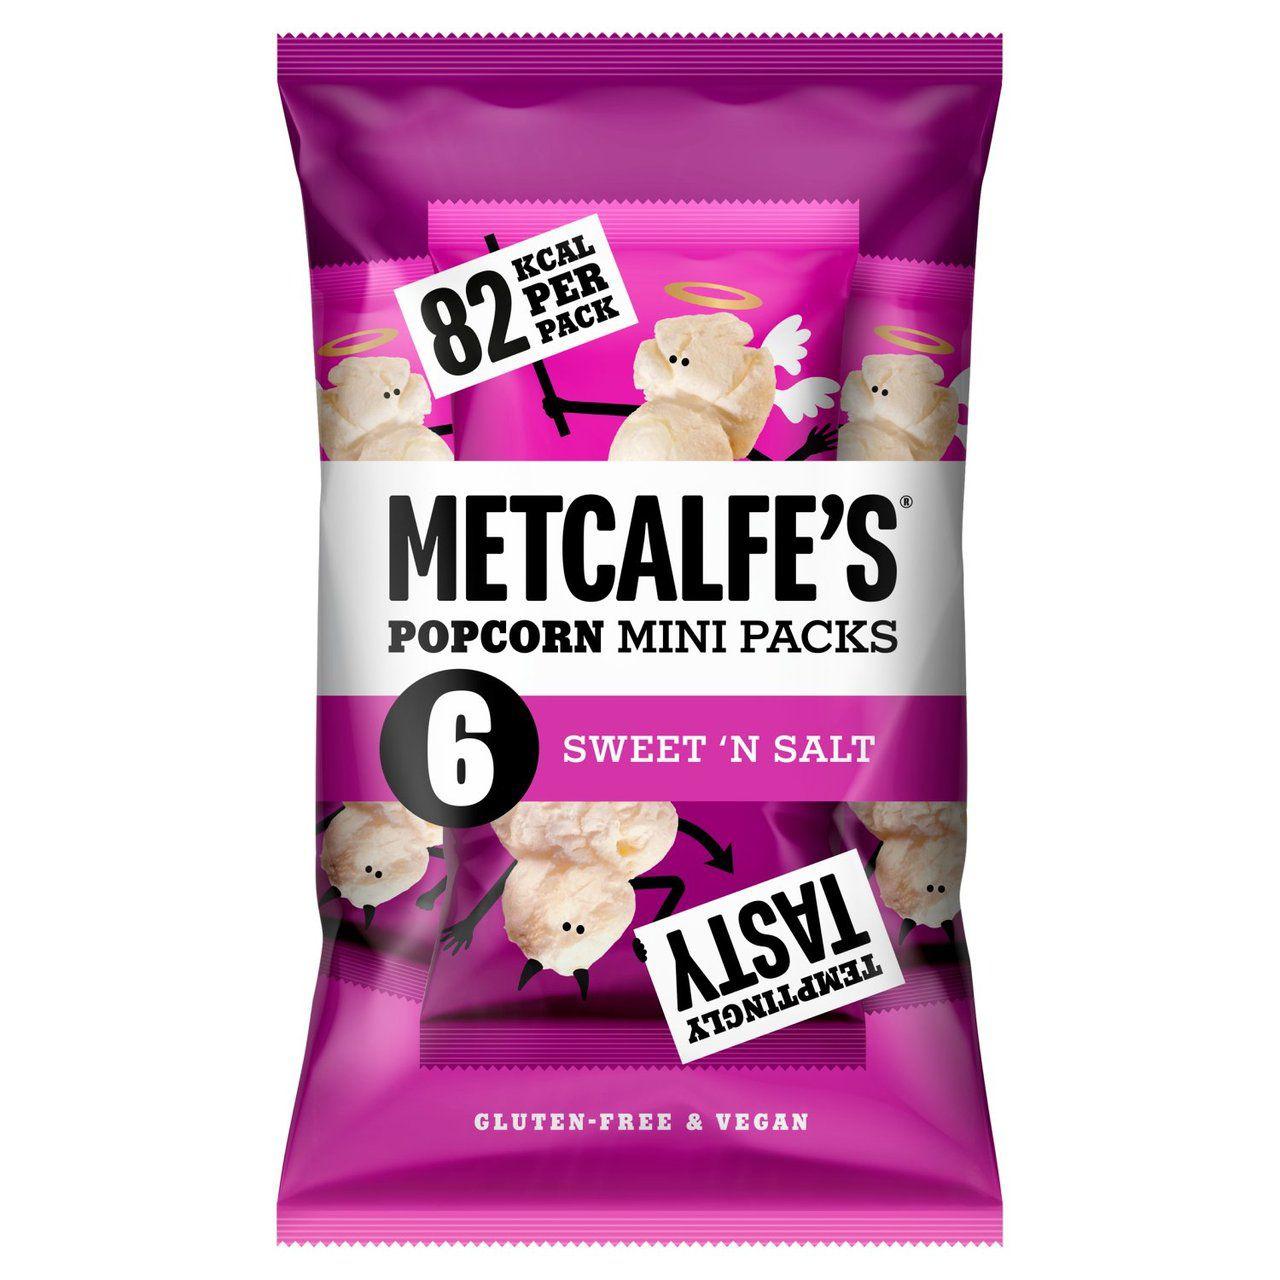 Metcalfe's skinny Sweet 'n Salt Multipack Popcorn x66 x 17g - £1 @ Morrisons